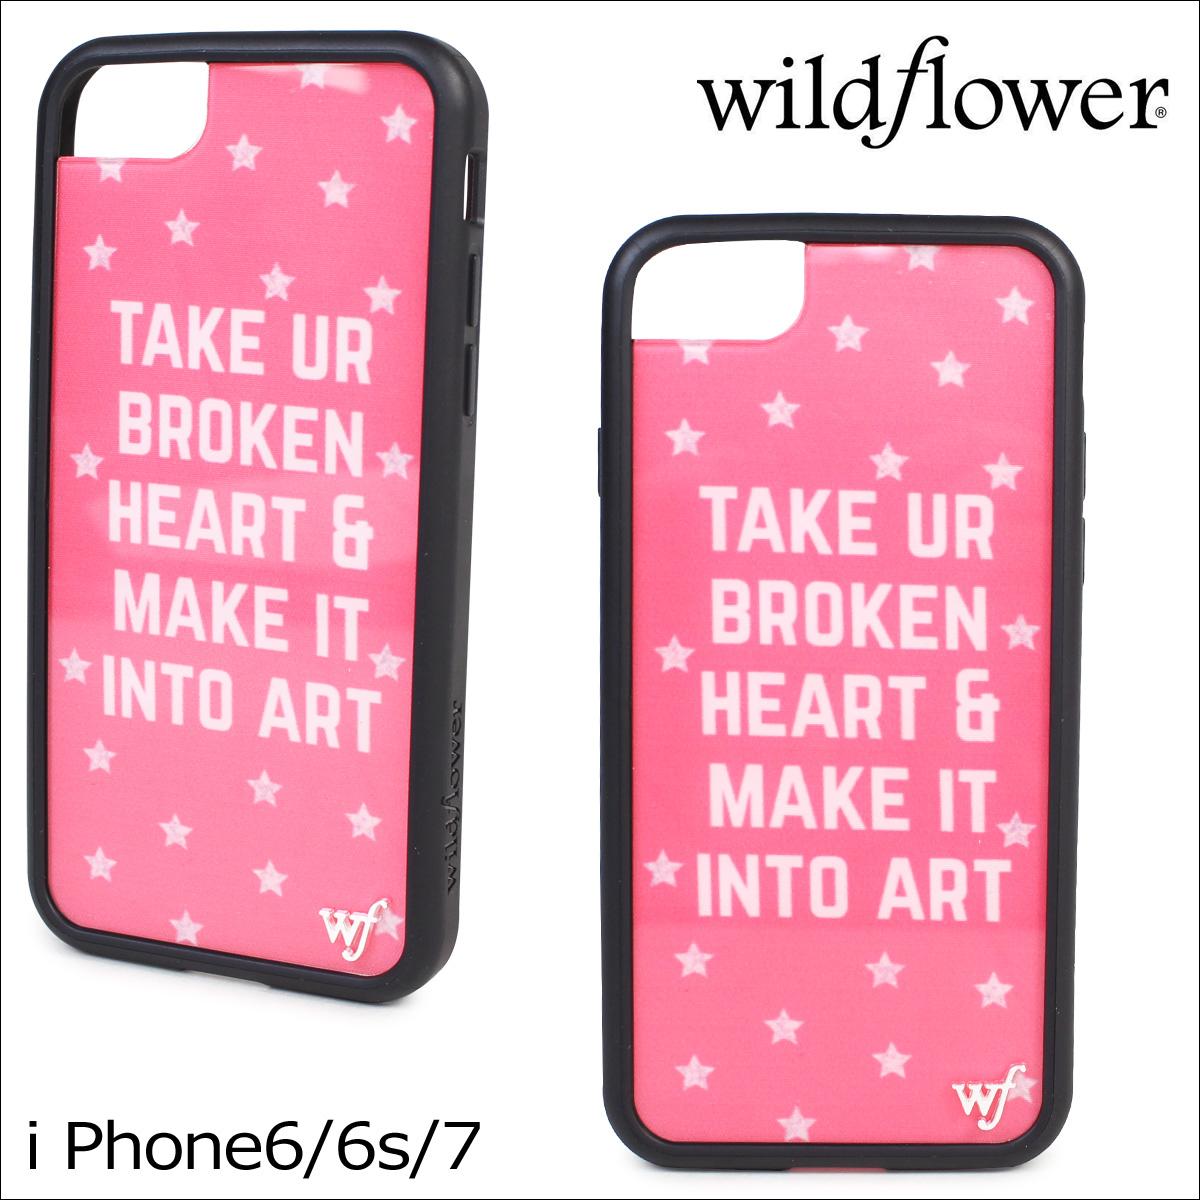 wildflower ワイルドフラワー iPhone8 SE 7 6 6s ケース スマホ 携帯 アイフォン レディース ピンク BROK ネコポス可